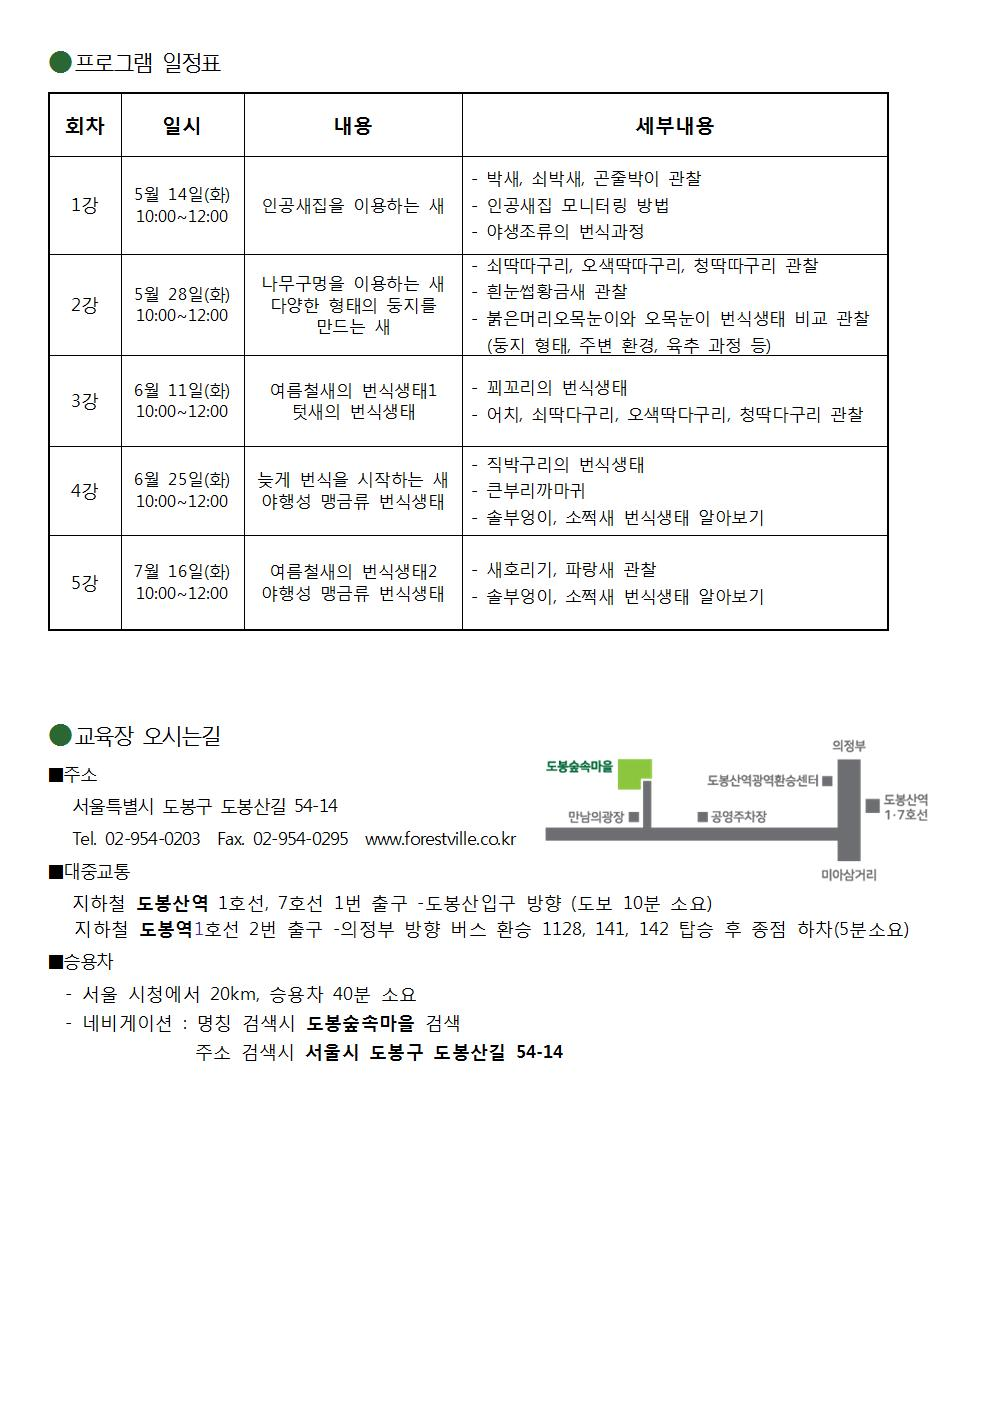 도봉산새학교(번식생태) 프로그램 일정표, 약도.jpg